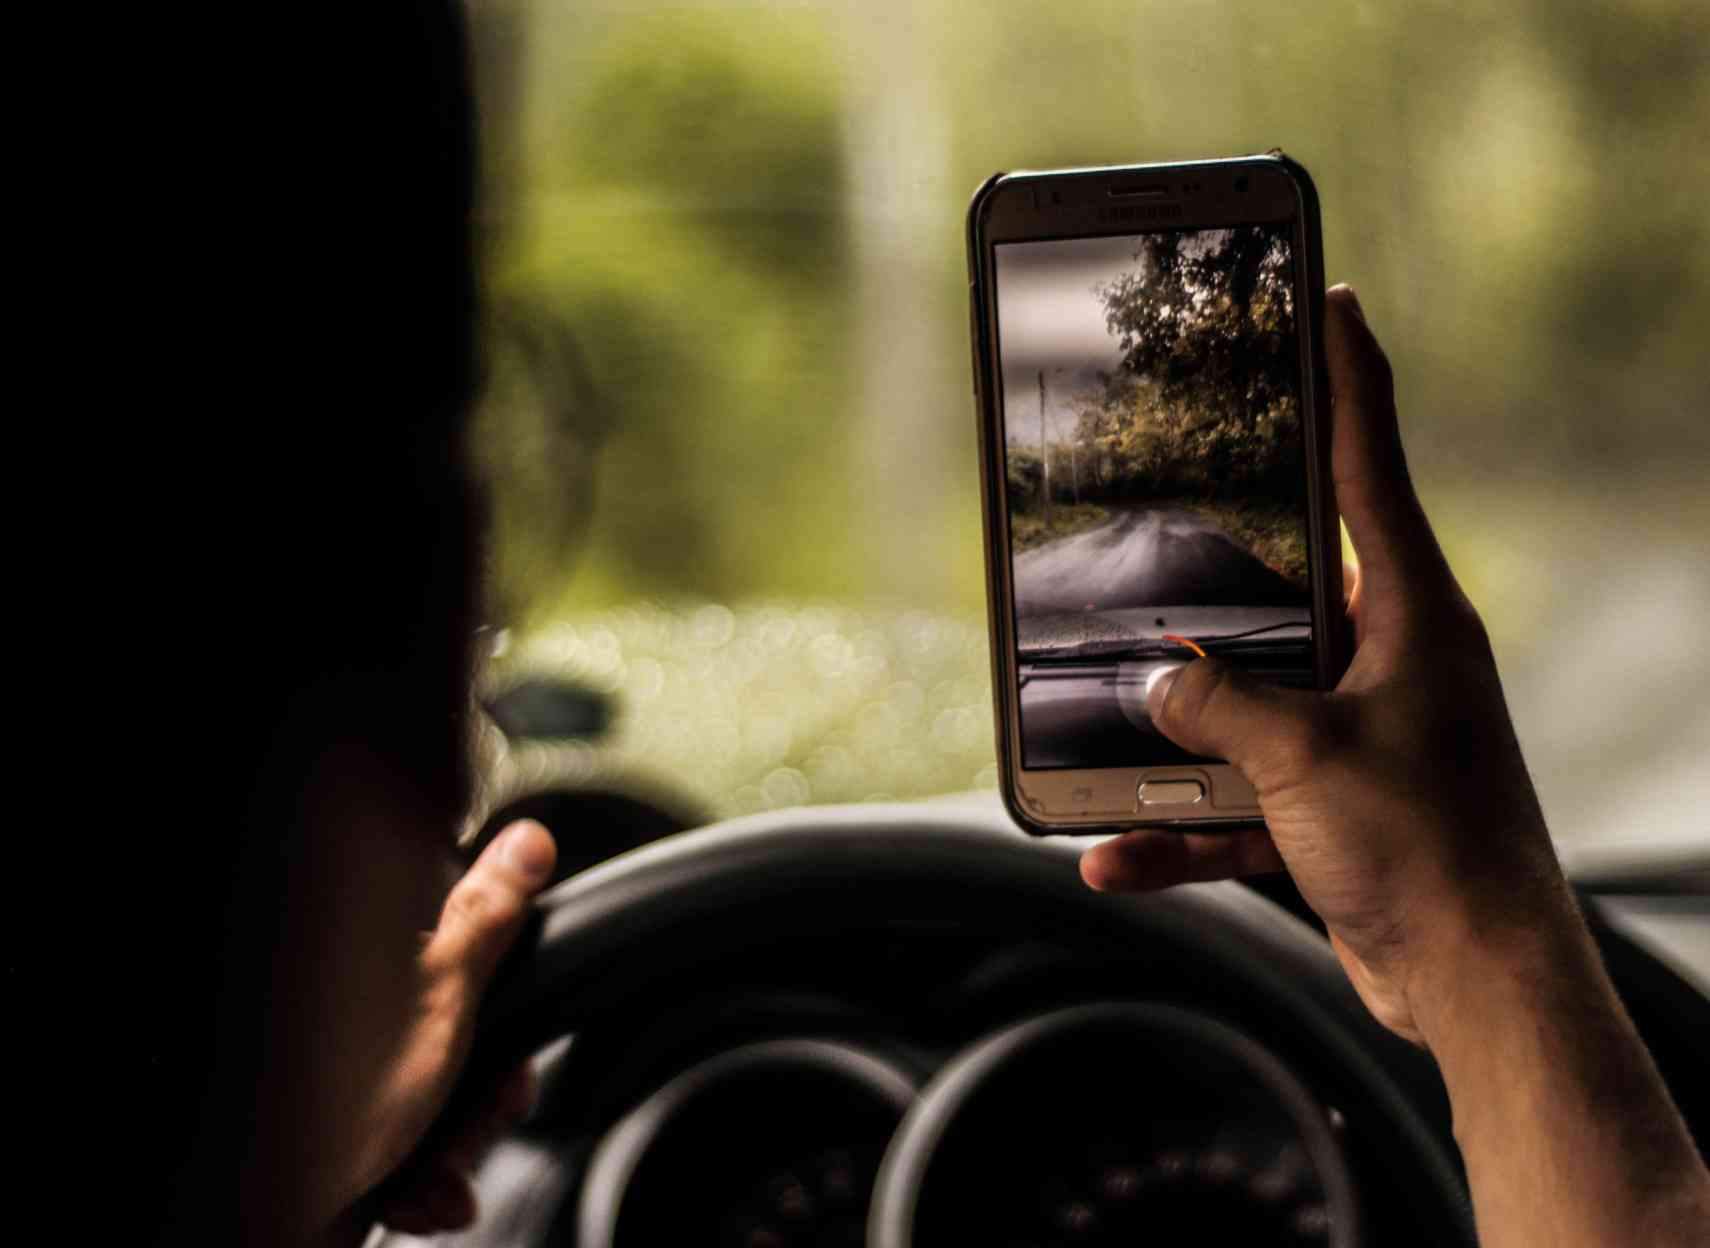 La Sécurité Routière a lancé une campagne de sensibilisation «Quand vous regardez votre téléphone, qui regarde la route?»